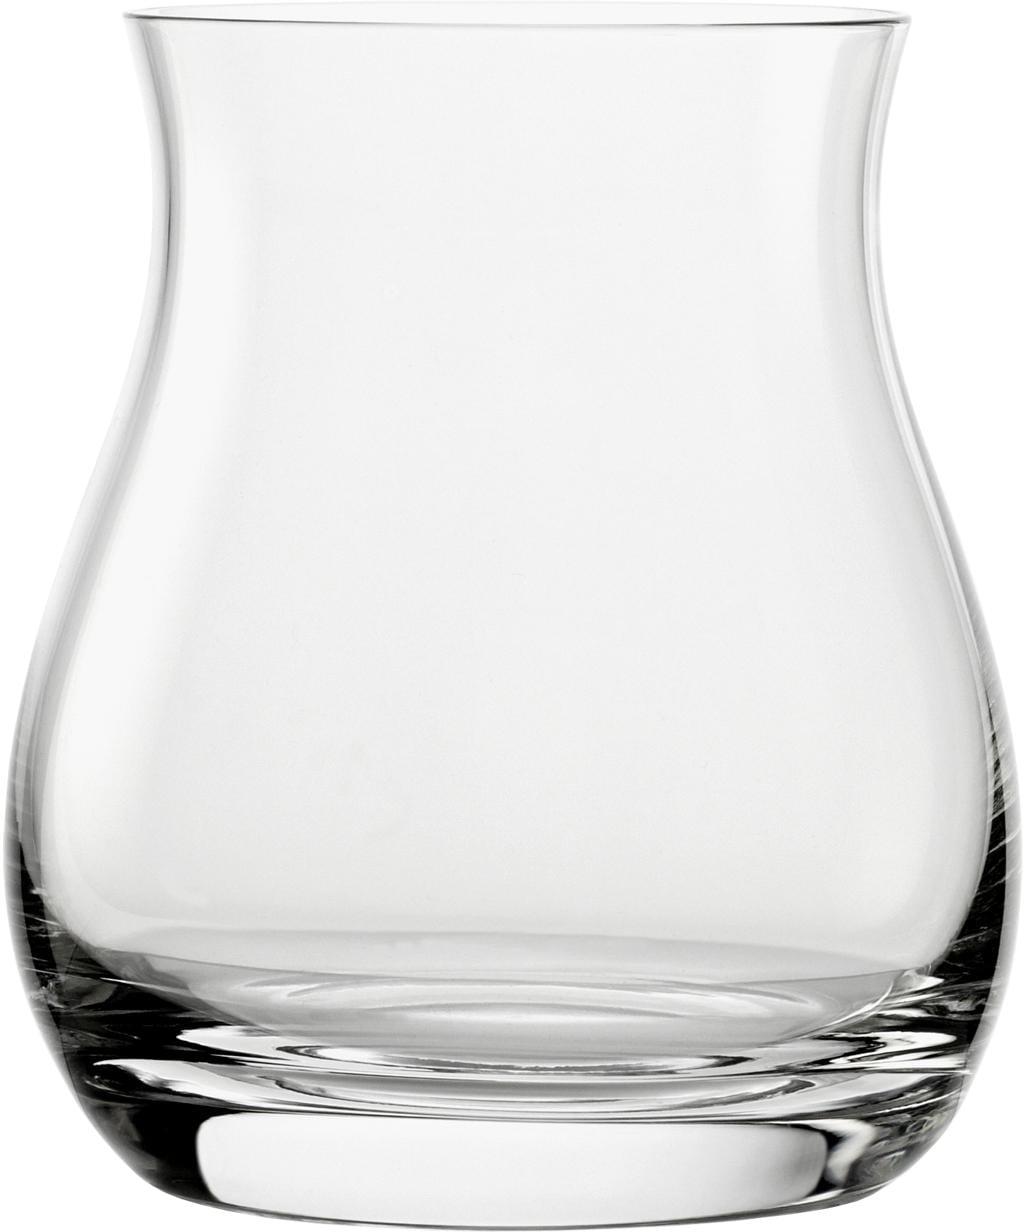 Stölzle Whiskyglas Canadian Whisky, (Set, 6 tlg.) farblos Kristallgläser Gläser Glaswaren Haushaltswaren